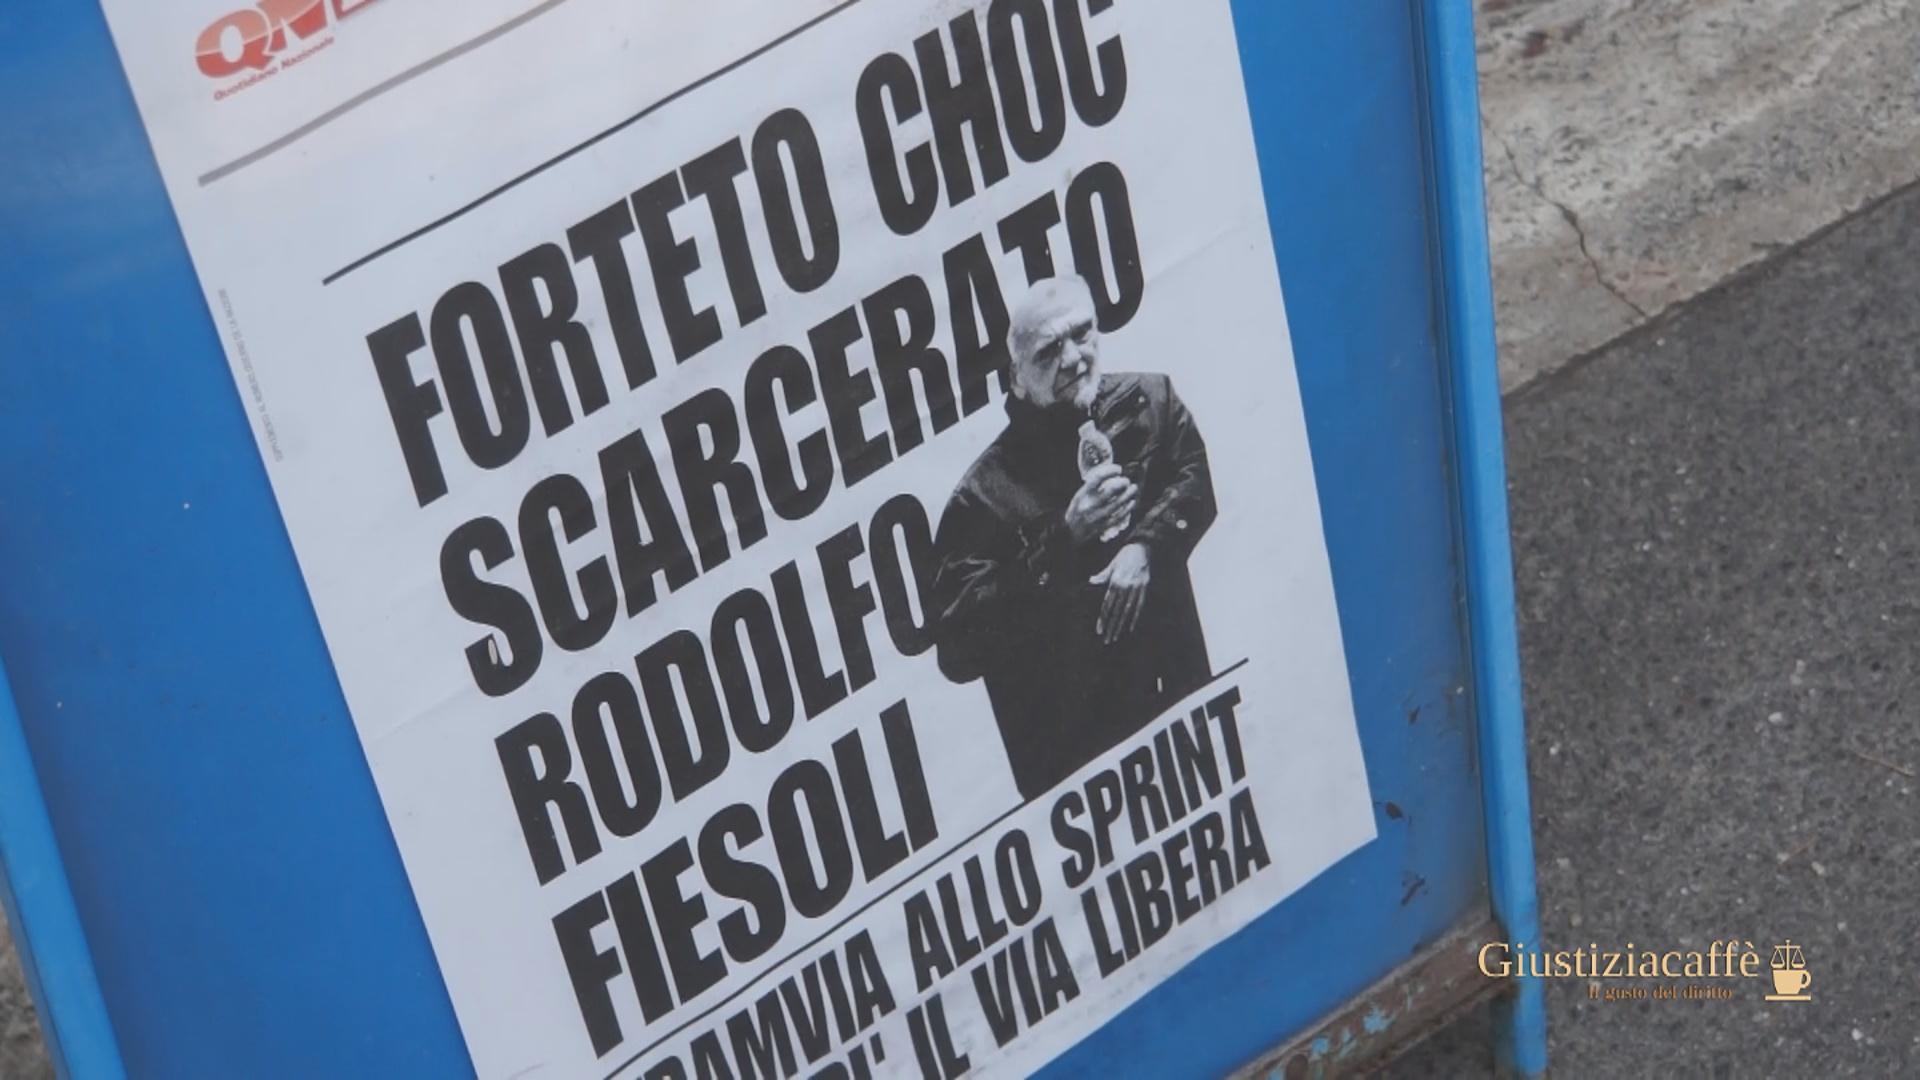 SONDAGGIO SU SCARCERAZIONE DI RODOLFO FIESOLI